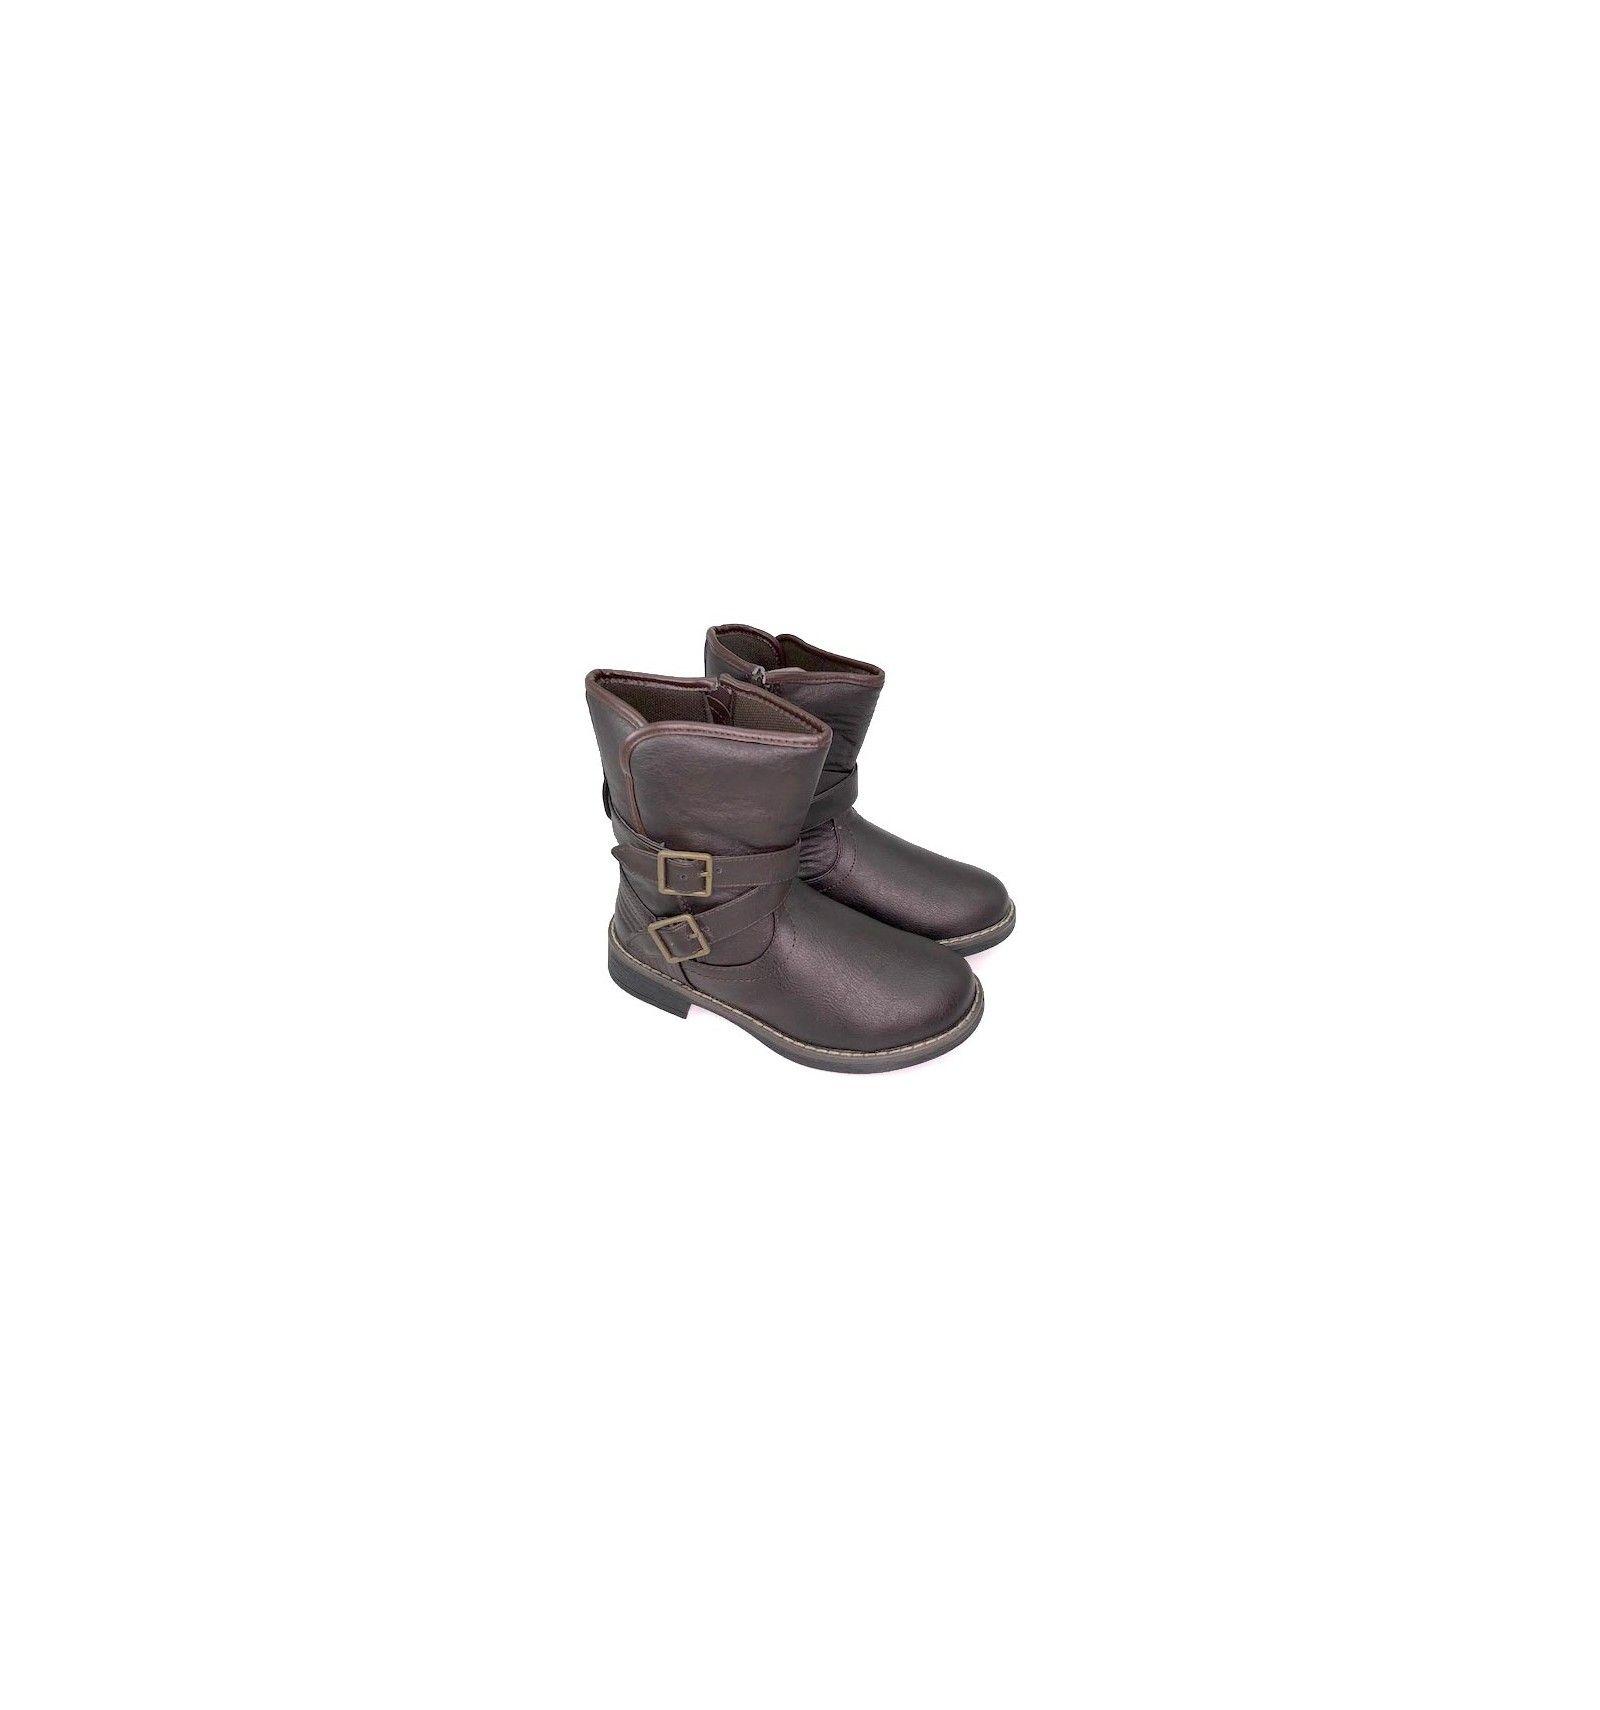 87ff5142e96 Botas niña con hebilla. Botas baratas. Zapatos niña online.